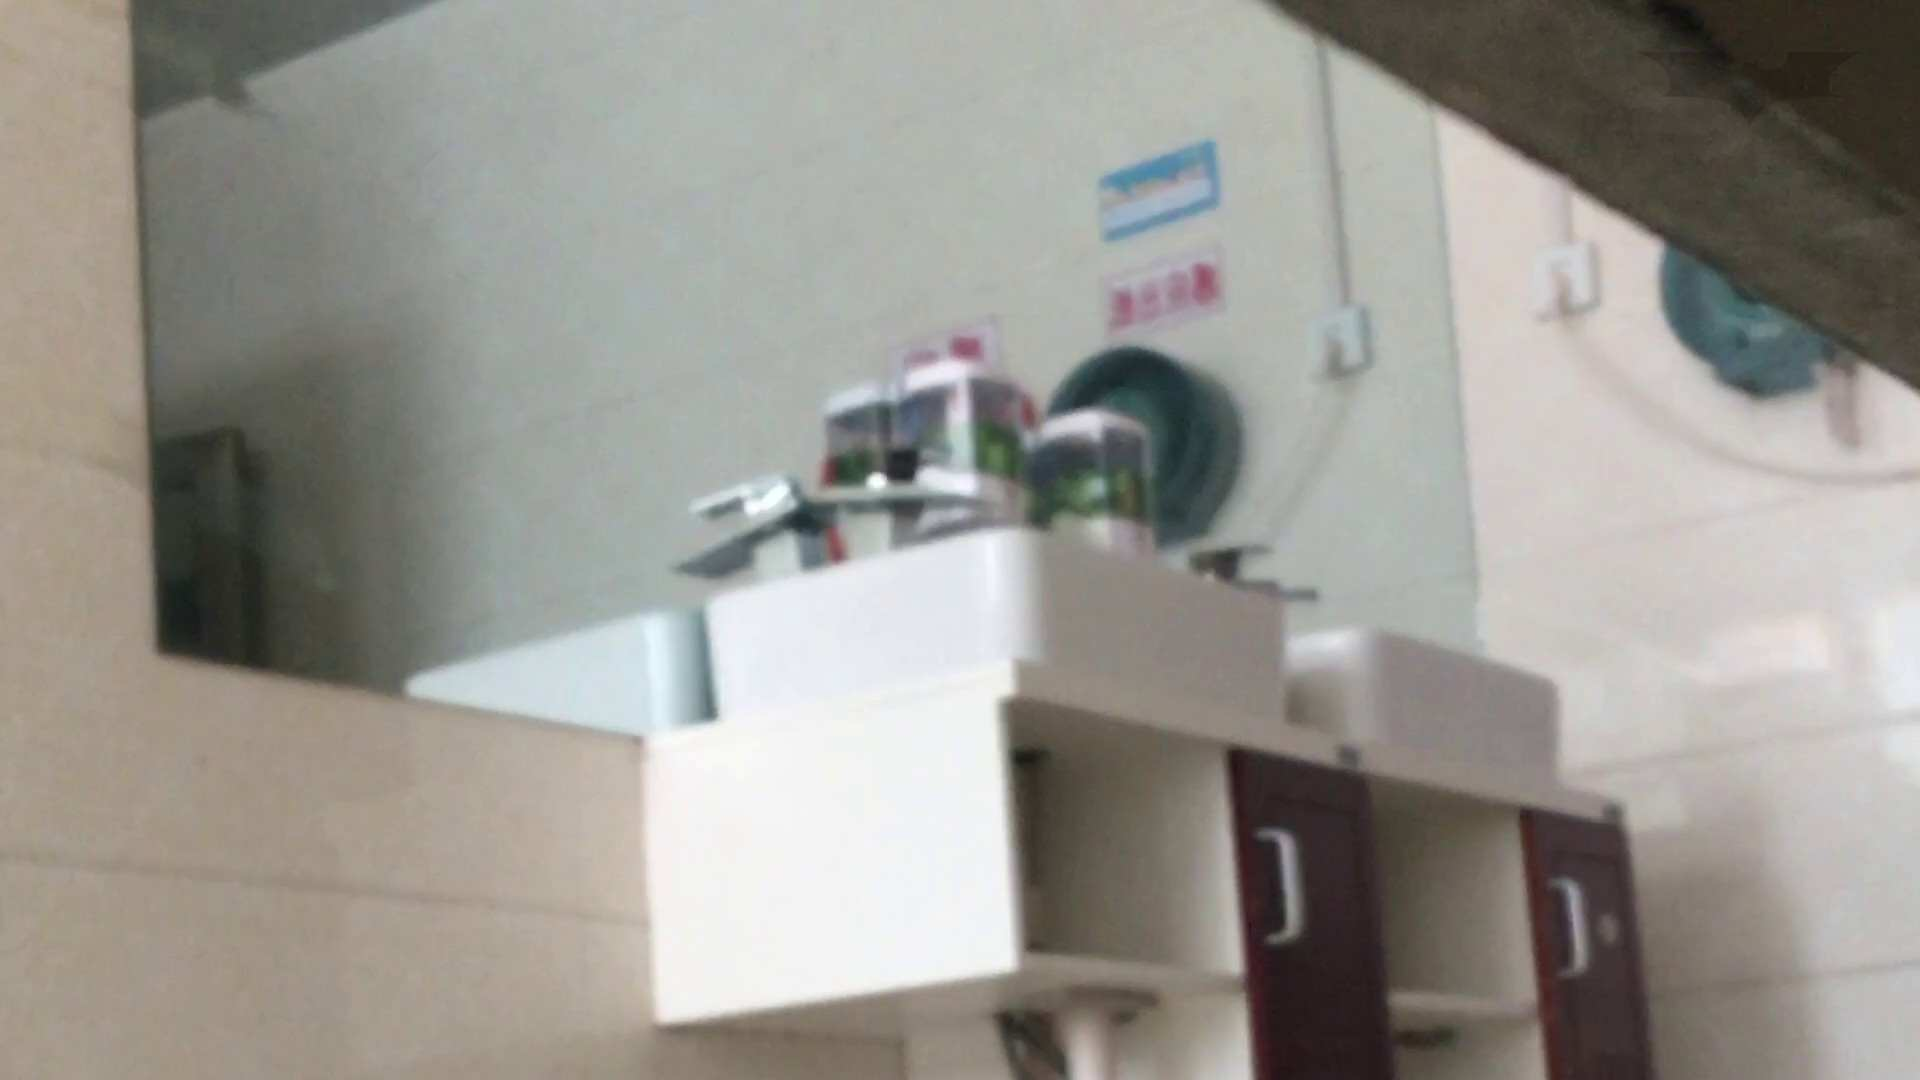 芸術大学ガチ潜入盗撮 JD盗撮 美女の洗面所の秘密 Vol.108 潜入エロ調査 | トイレ中  86連発 66